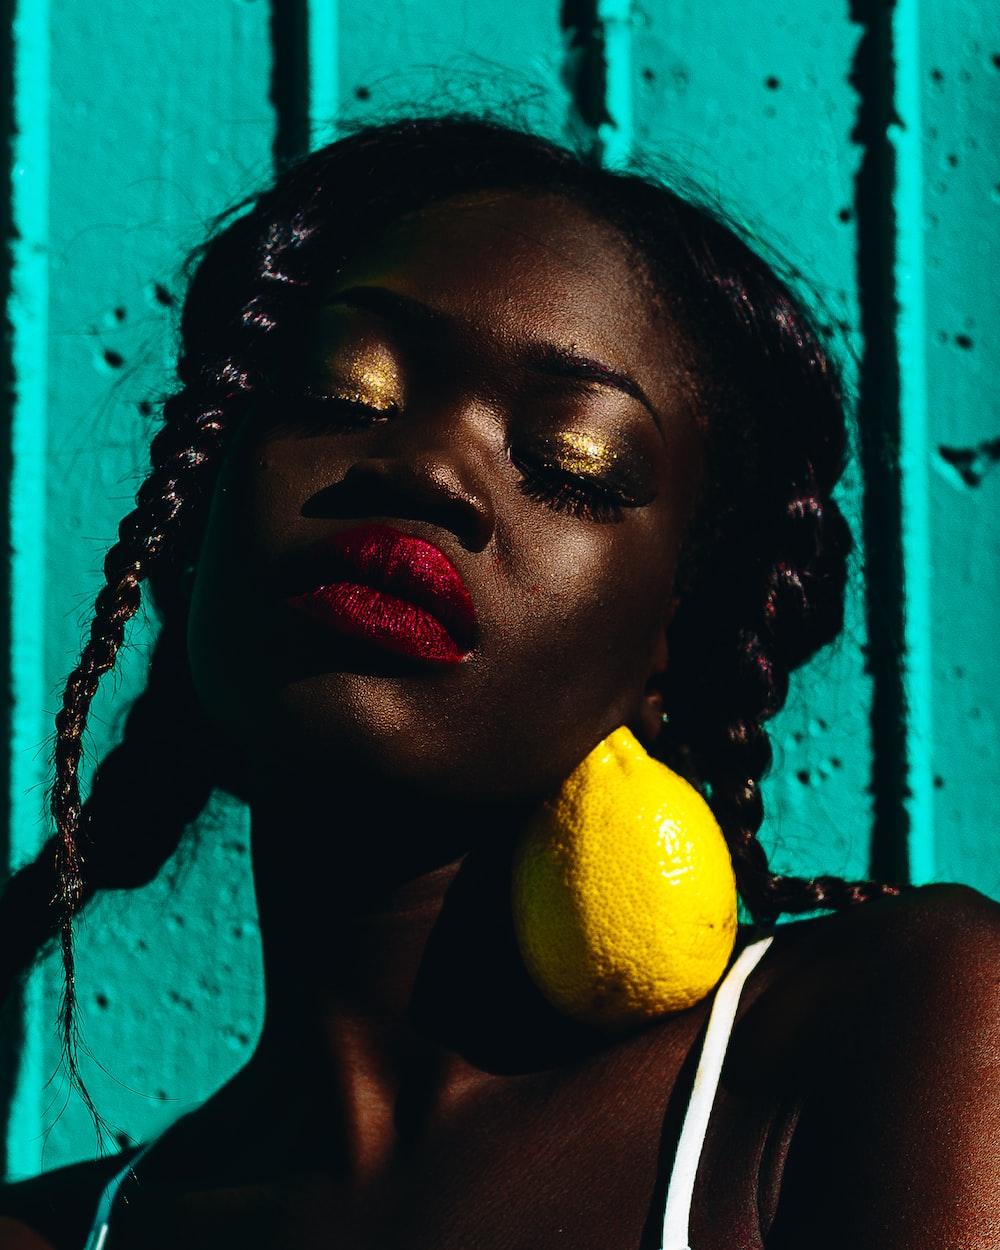 lemon on women's neck